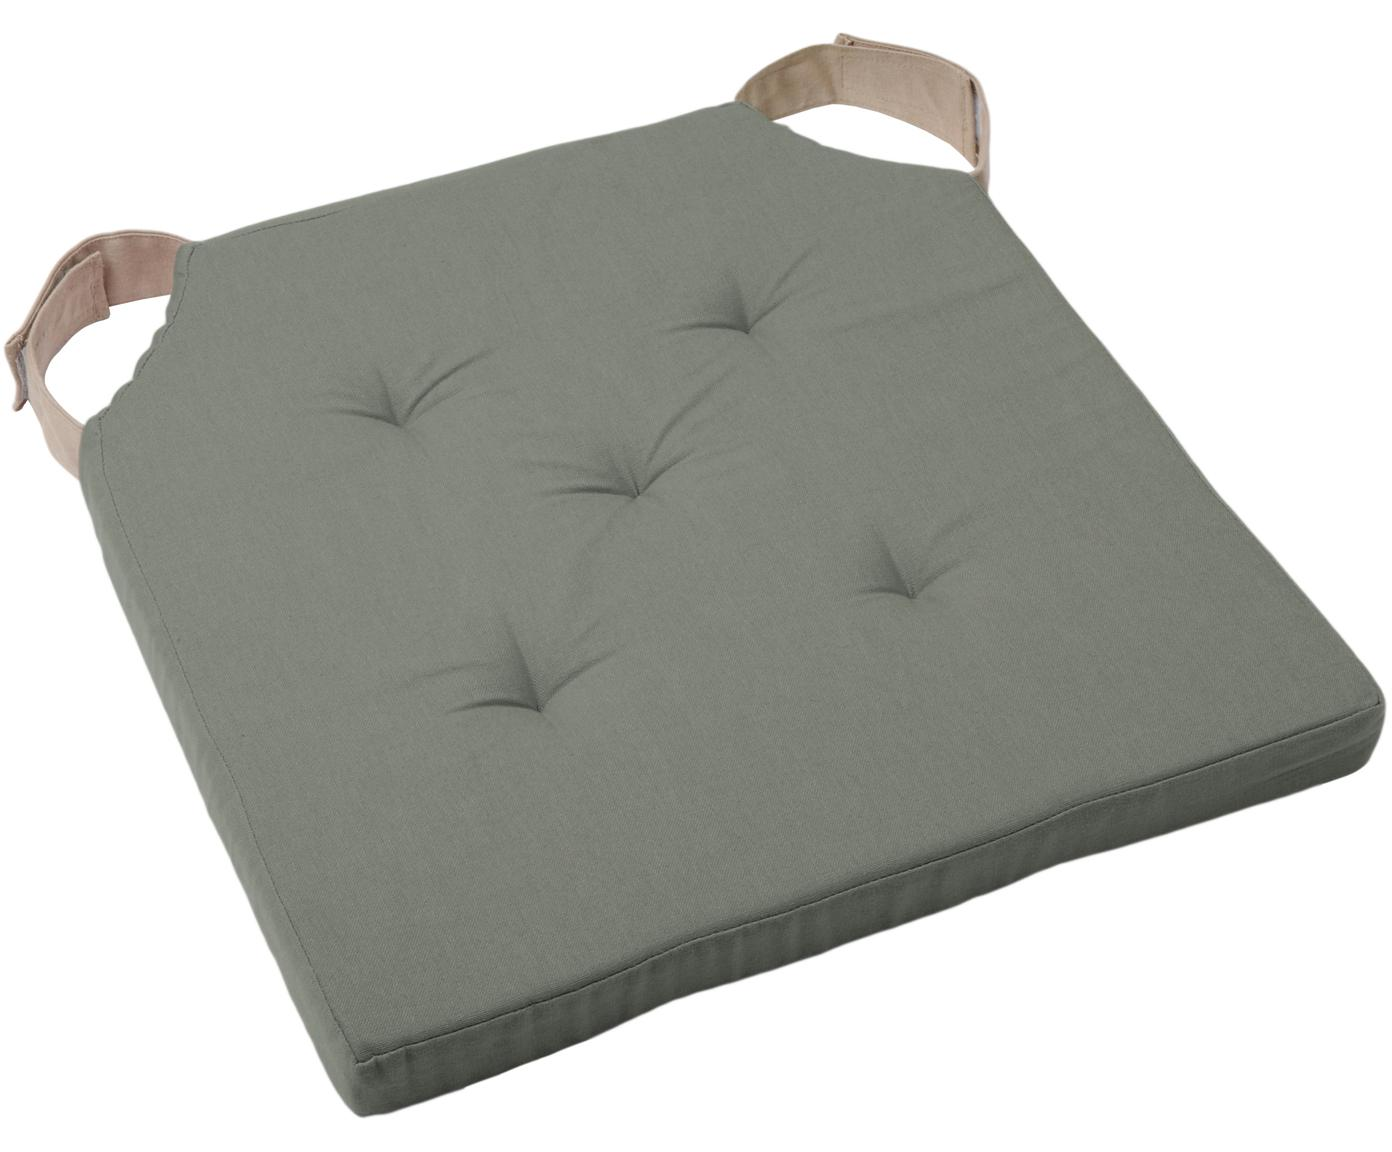 Sitzkissen Duo in Khaki/Beige, Bezug: 100% Baumwolle, Khaki, 40 x 40 cm